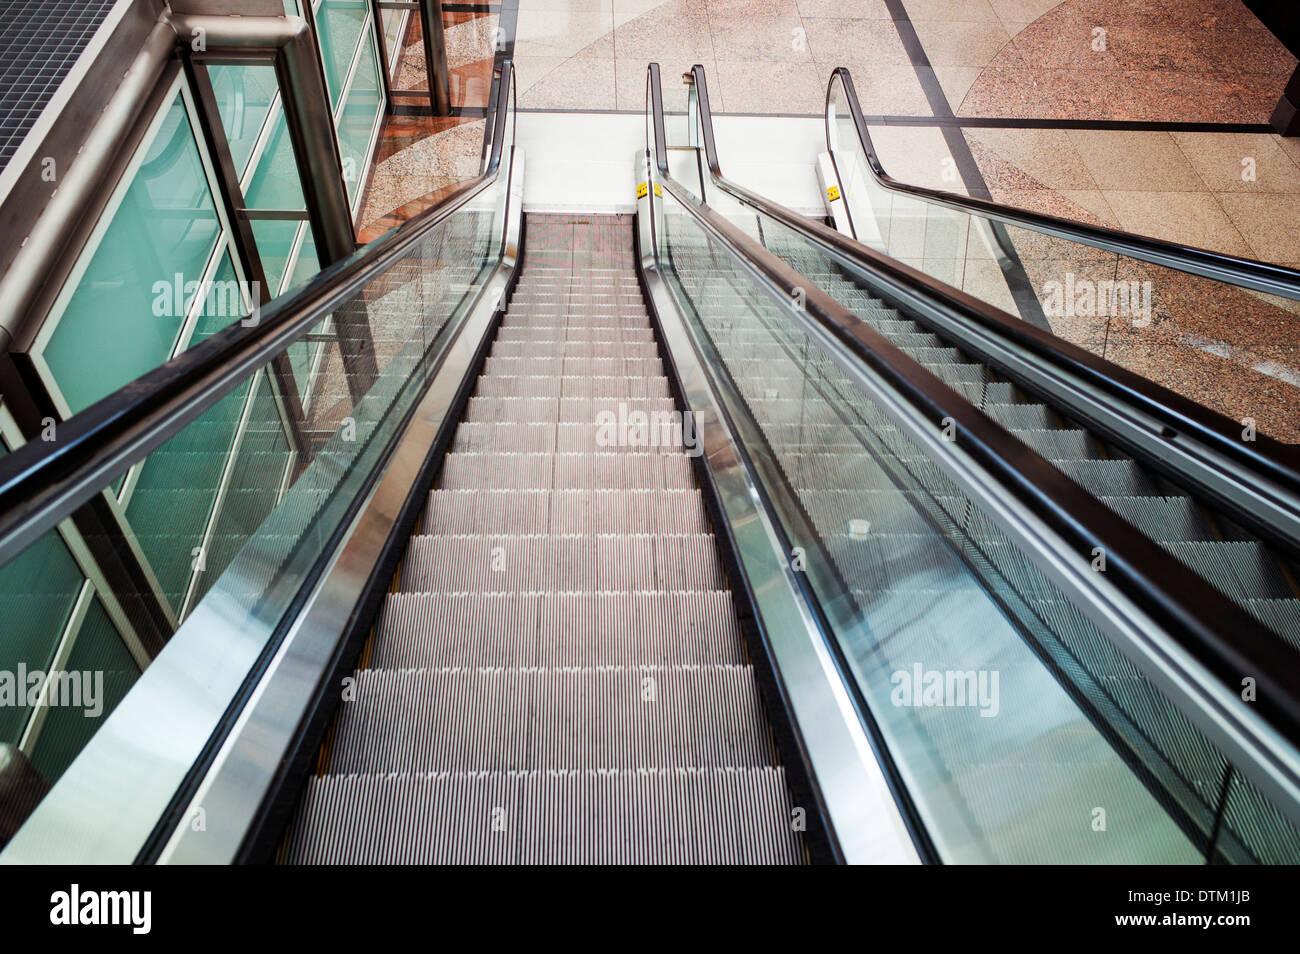 Escalator, Denver International Airport, Colorado, USA - Stock Image